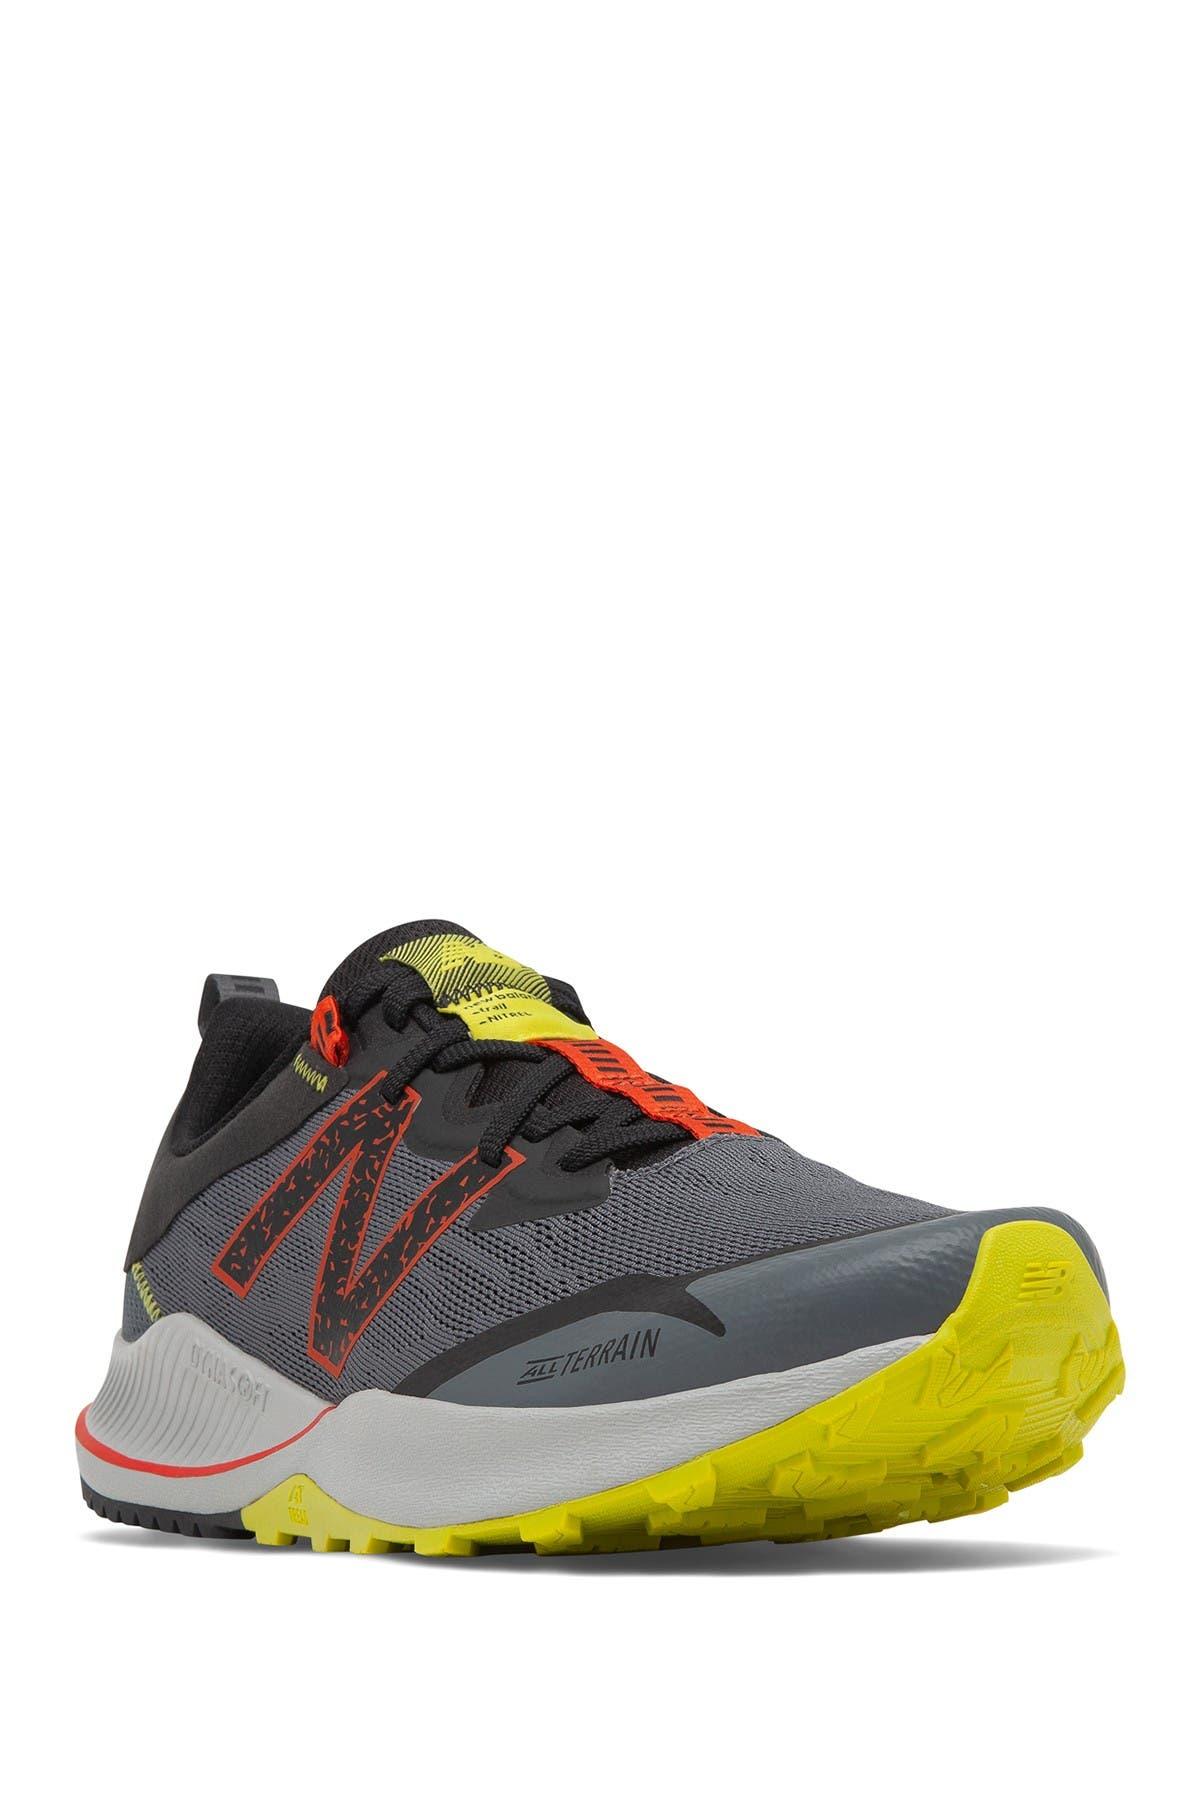 Image of New Balance Nitrel V4 Trail Running Sneaker